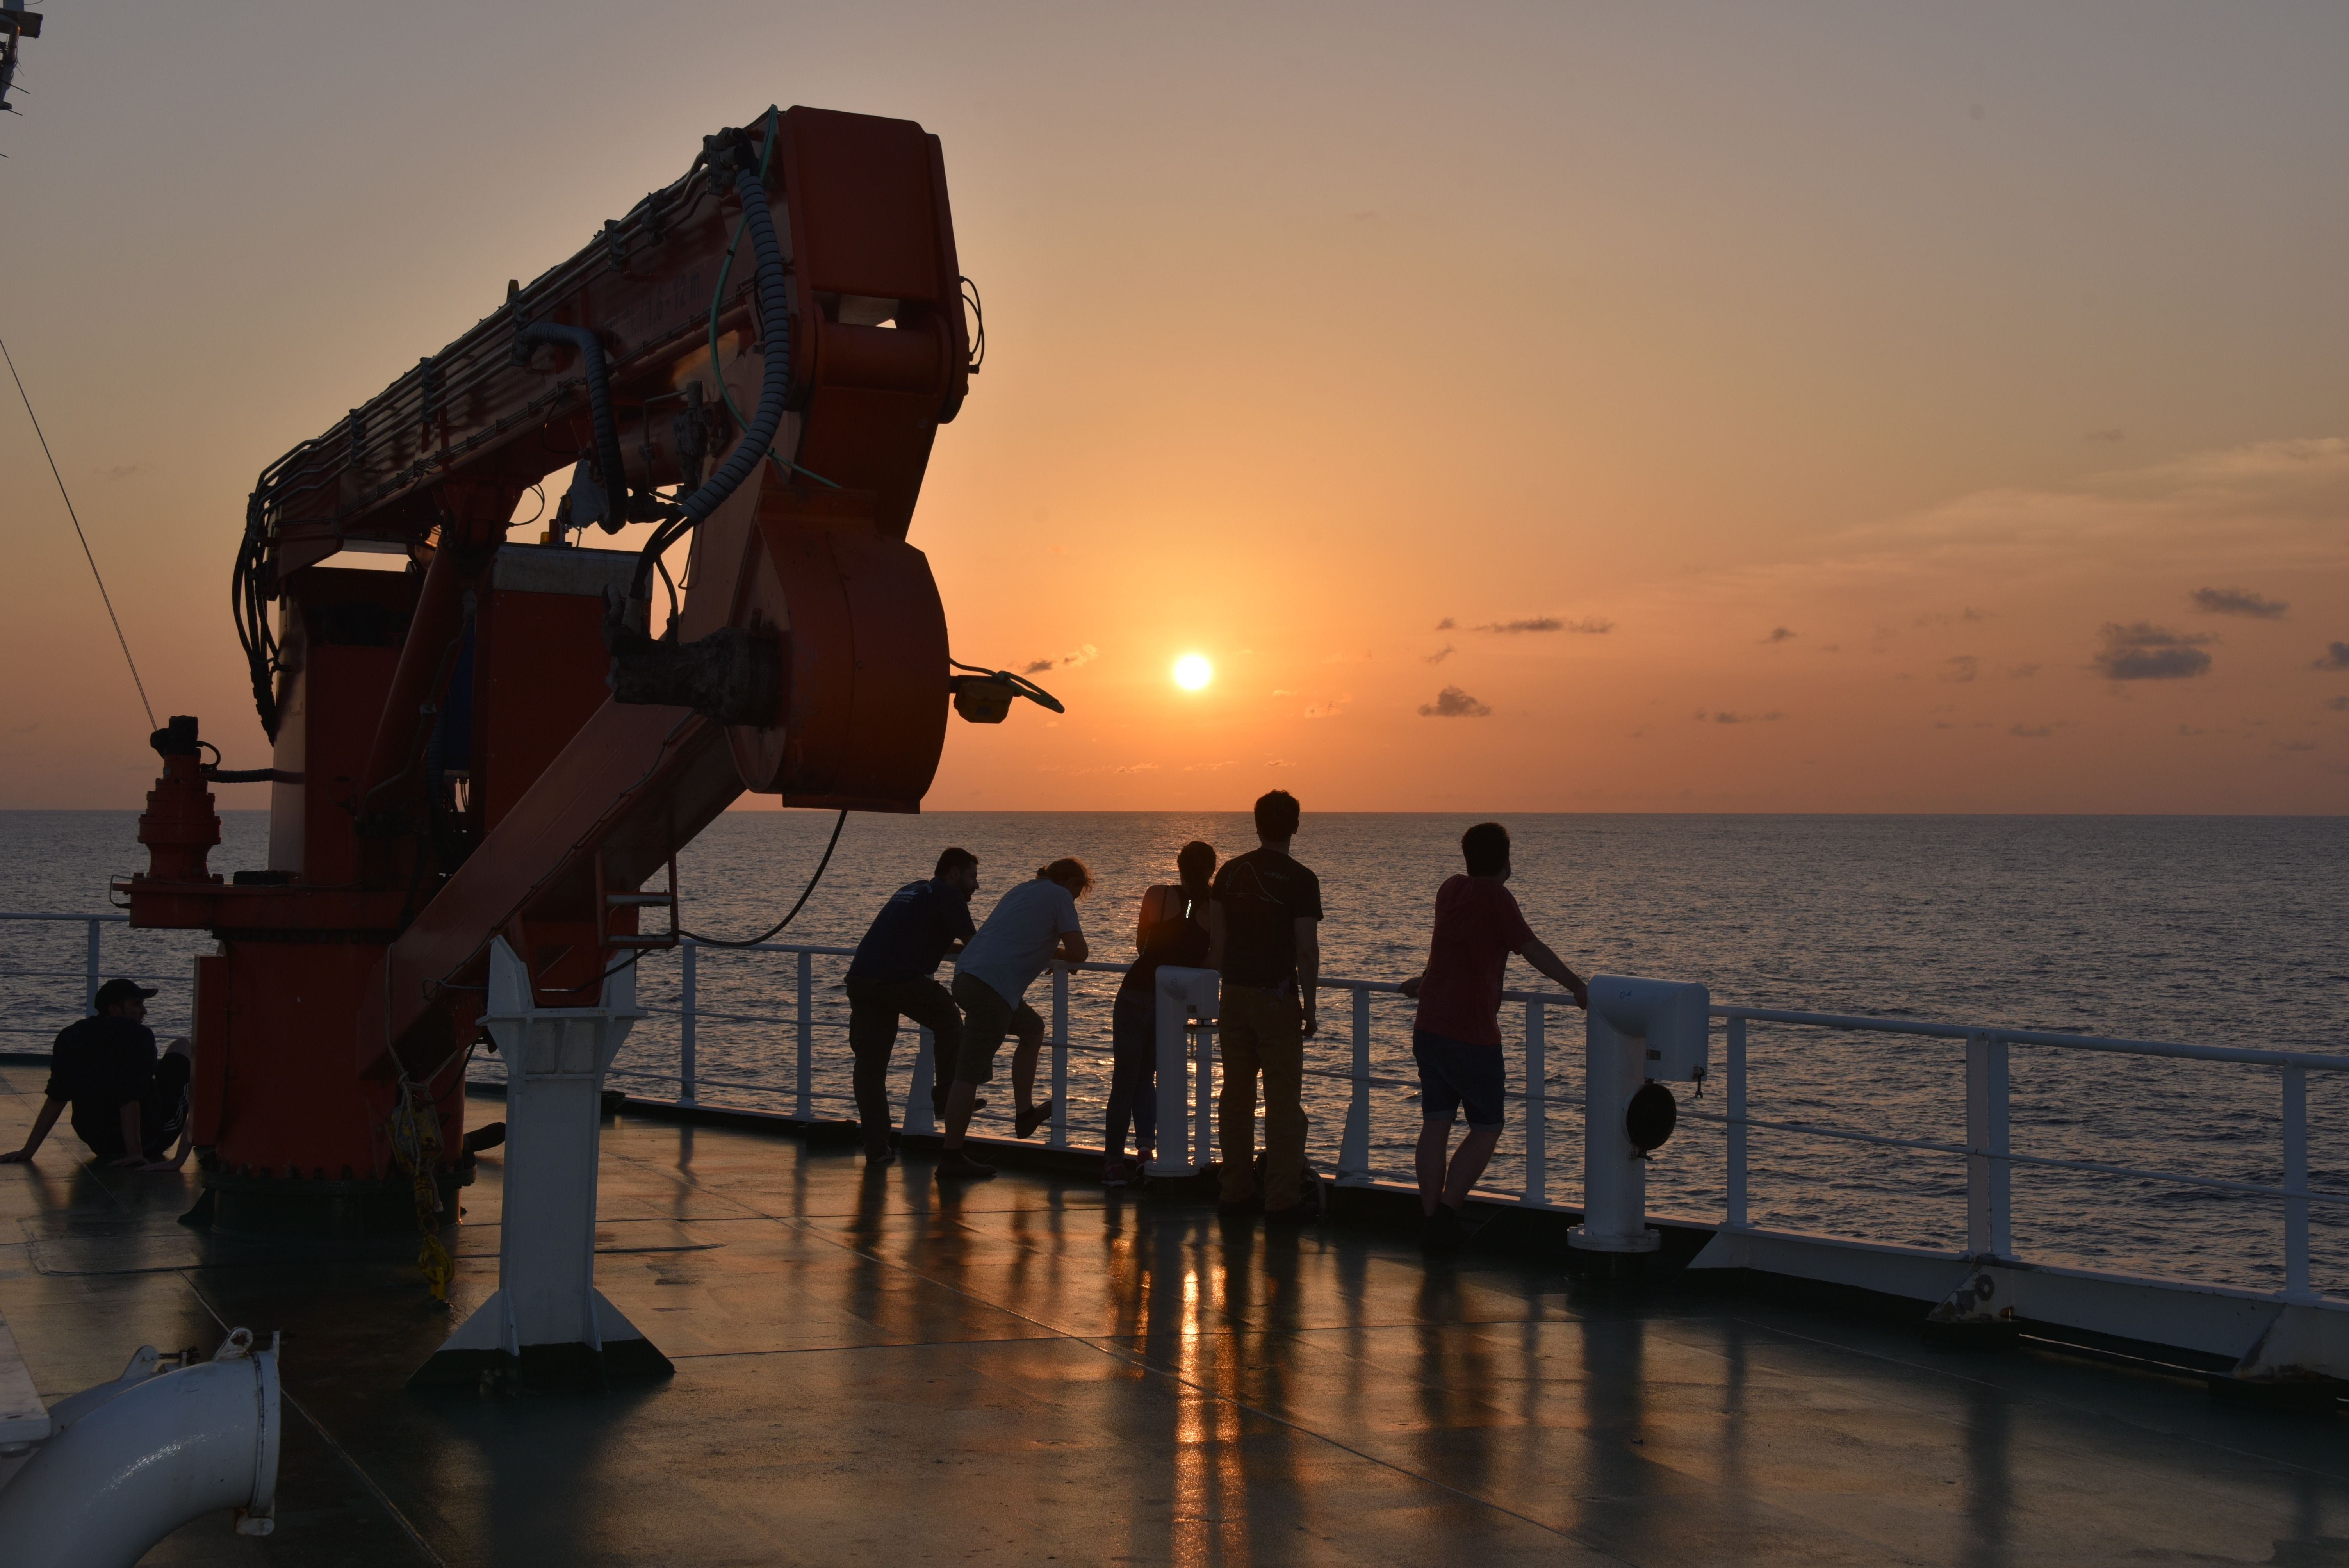 L'équipage du navire de recherche regardant un coucher de soleil sur l'océan.